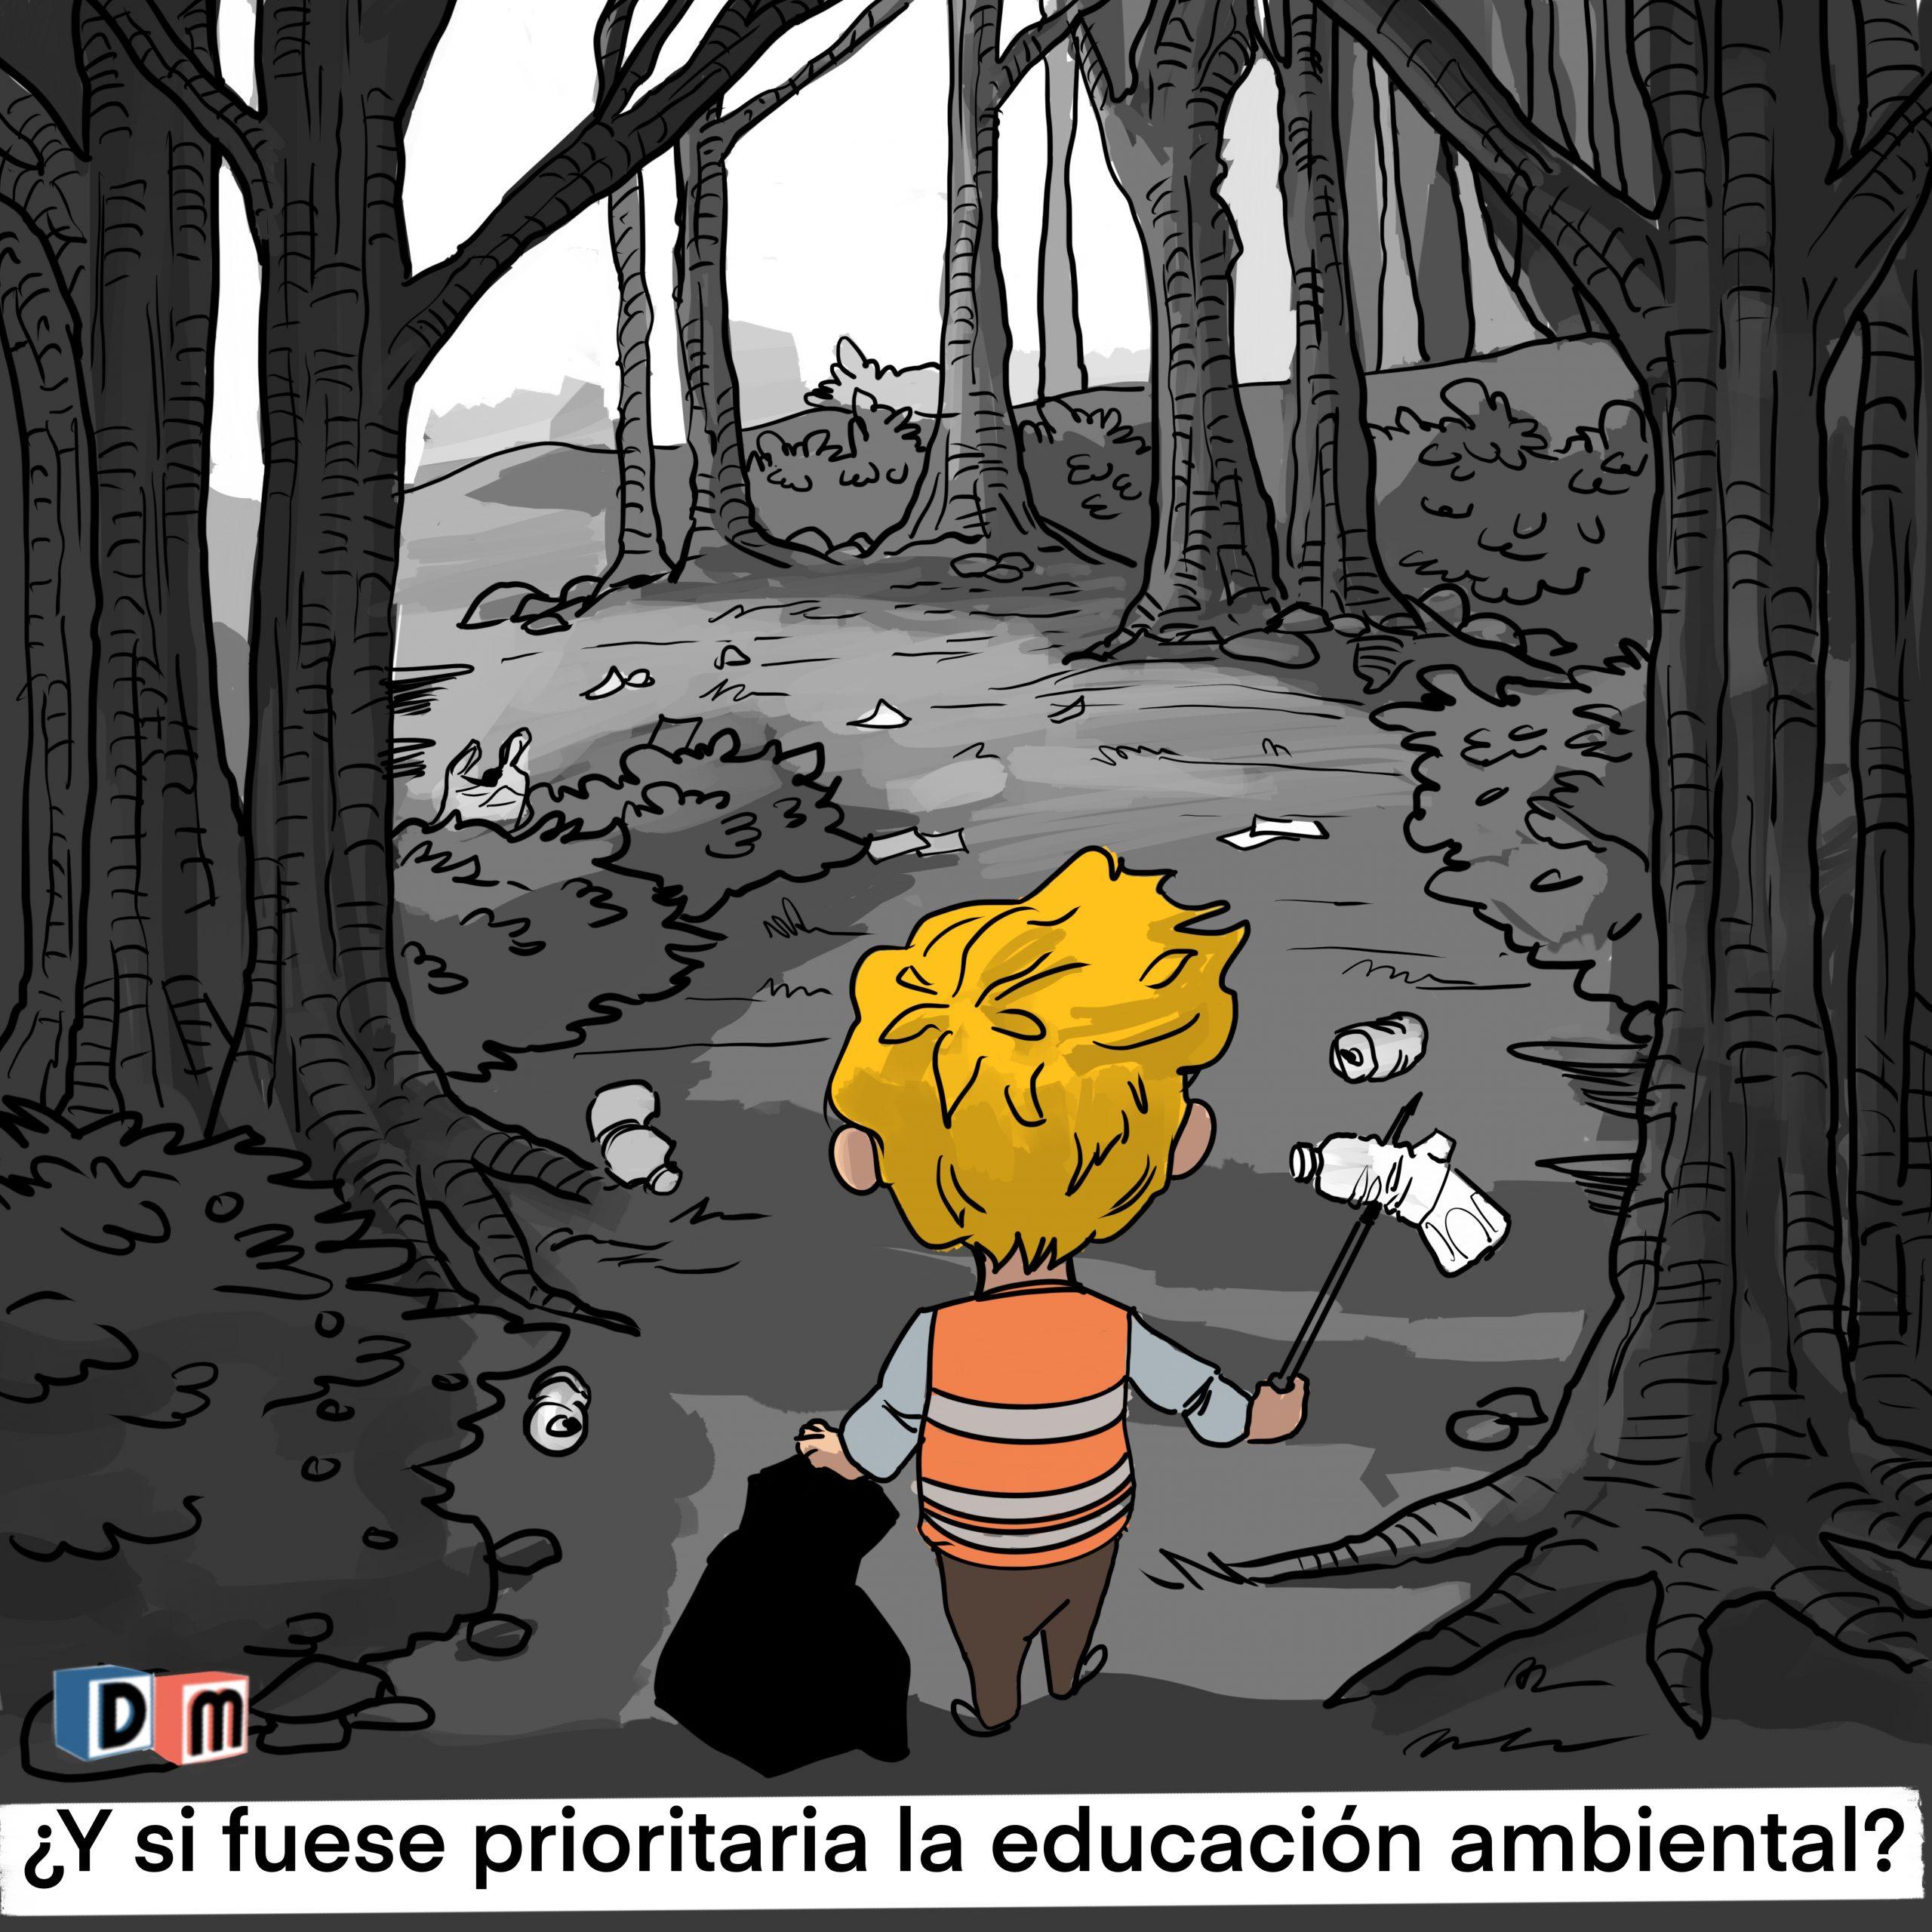 David Mora_Viñeta 19_¿Y si fuese prioritaria la educación ambiental?